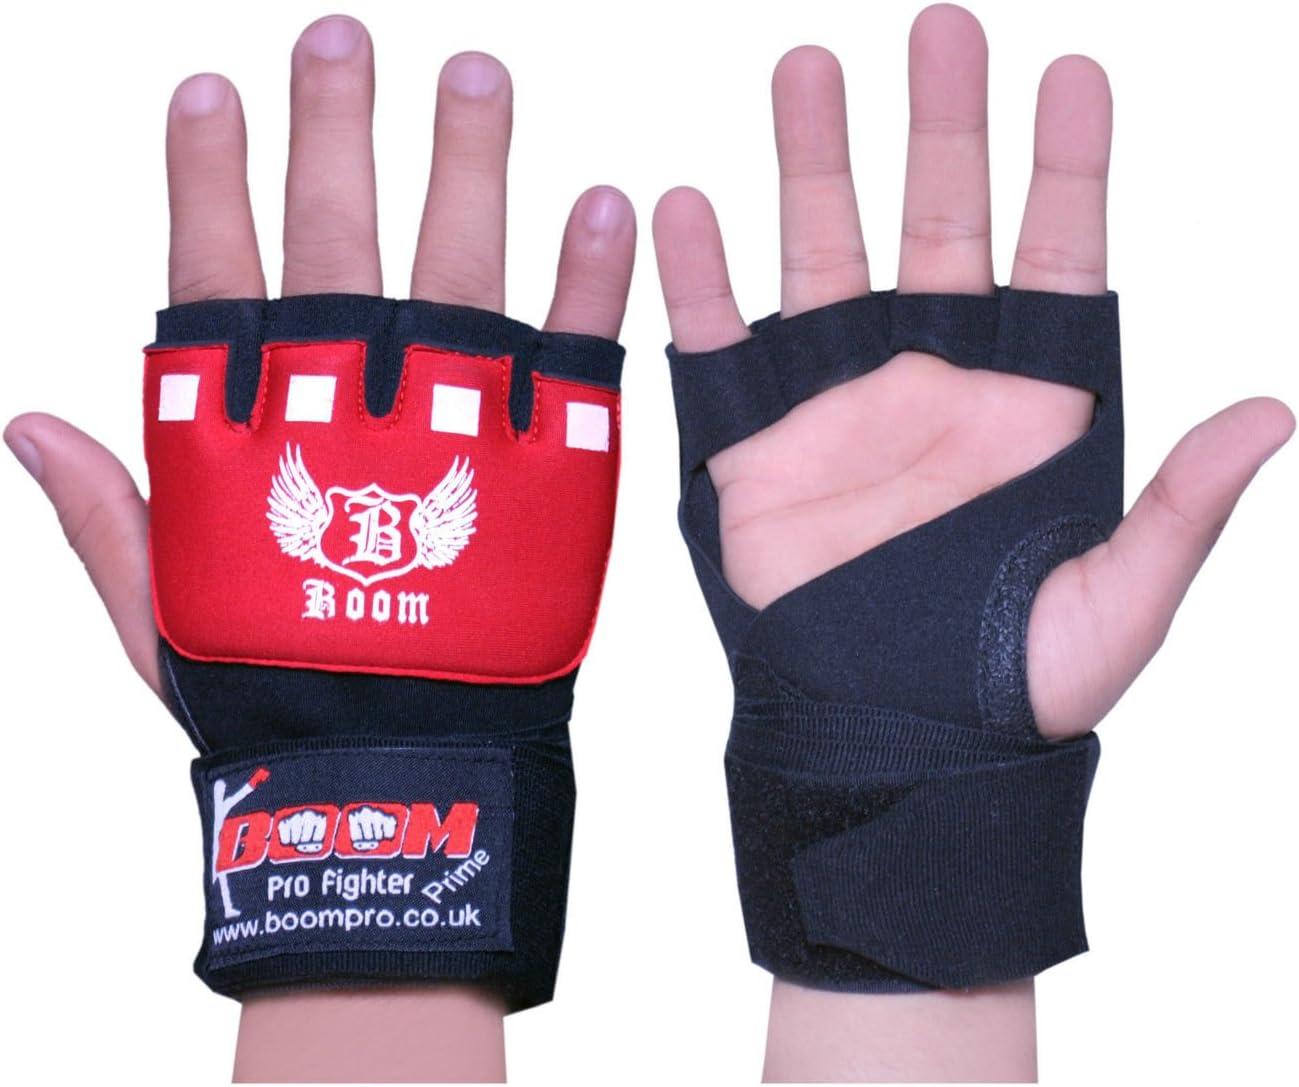 BOOM Prime Boxen Innen Gel Handschuhe Handsch/ützer MMA Faust Schutz Neopren Gepolstert Bandagen Fausthandschuh Knuckle Schutz Training Muay Thai Kickboxen